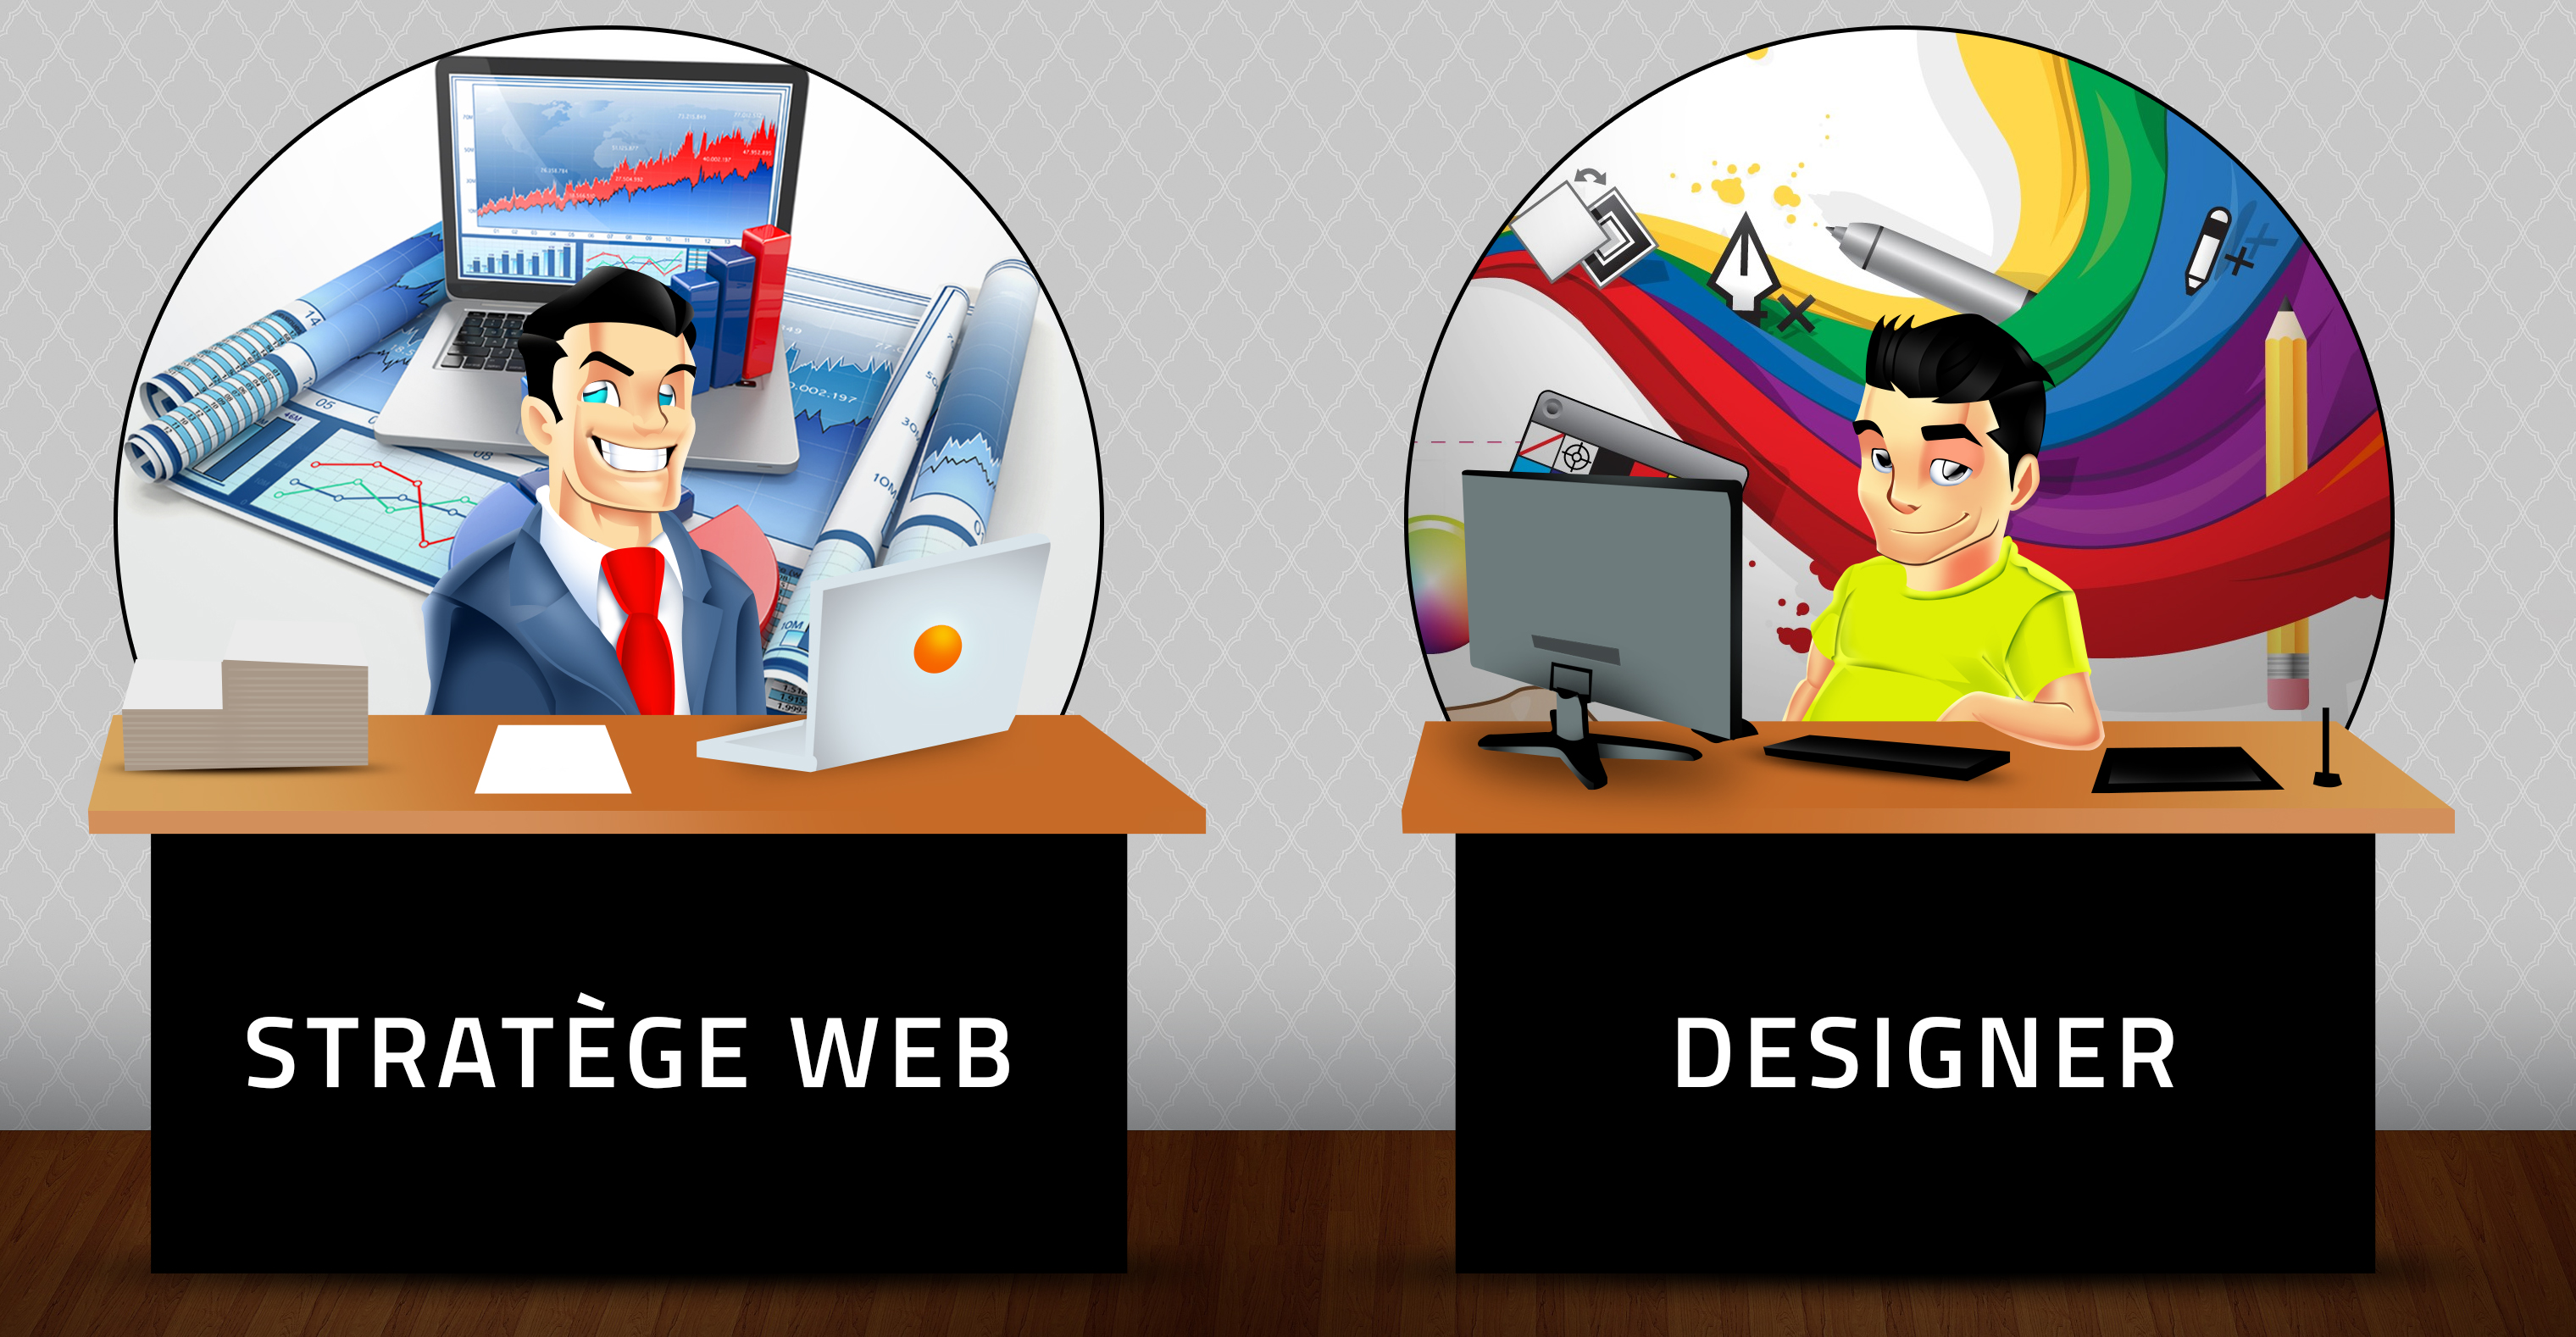 Agence de graphisme et design VS Agence de referencement web stratege web vs designer